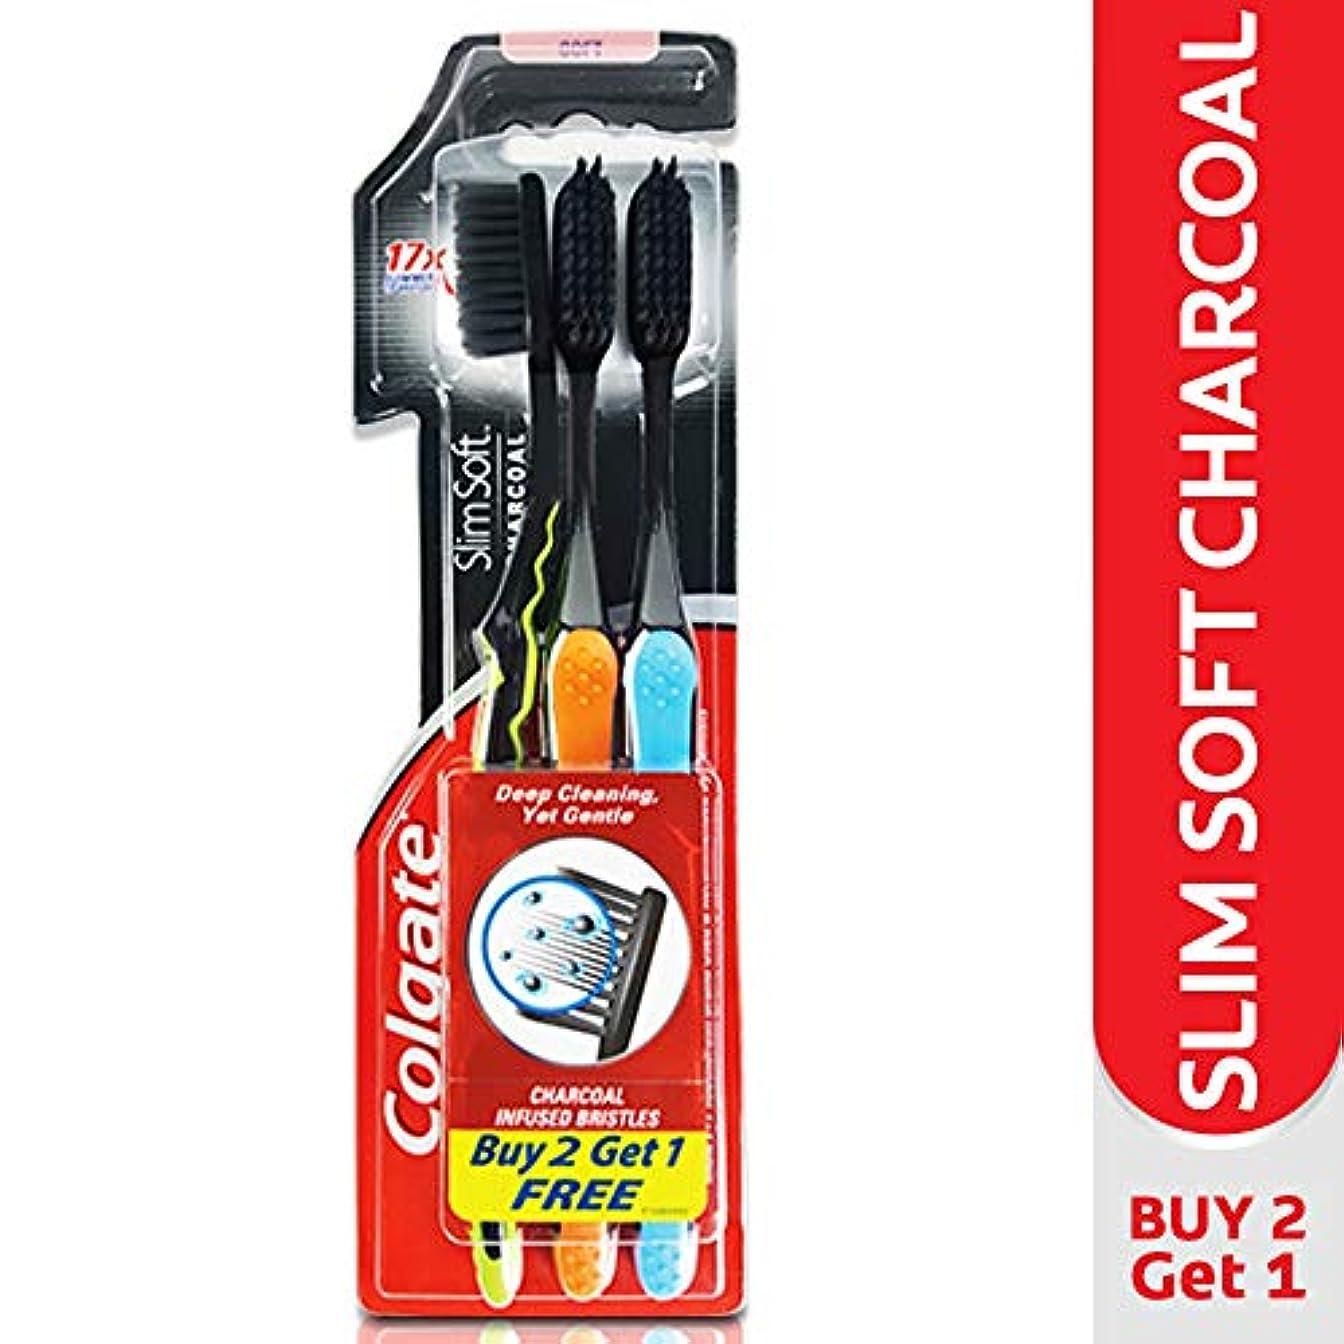 主流サスティーン編集するColgate Slim Soft Charcoal Toothbrush (Pack of 3) 17x Slimmer Soft Tip Bristles (Ship From India)